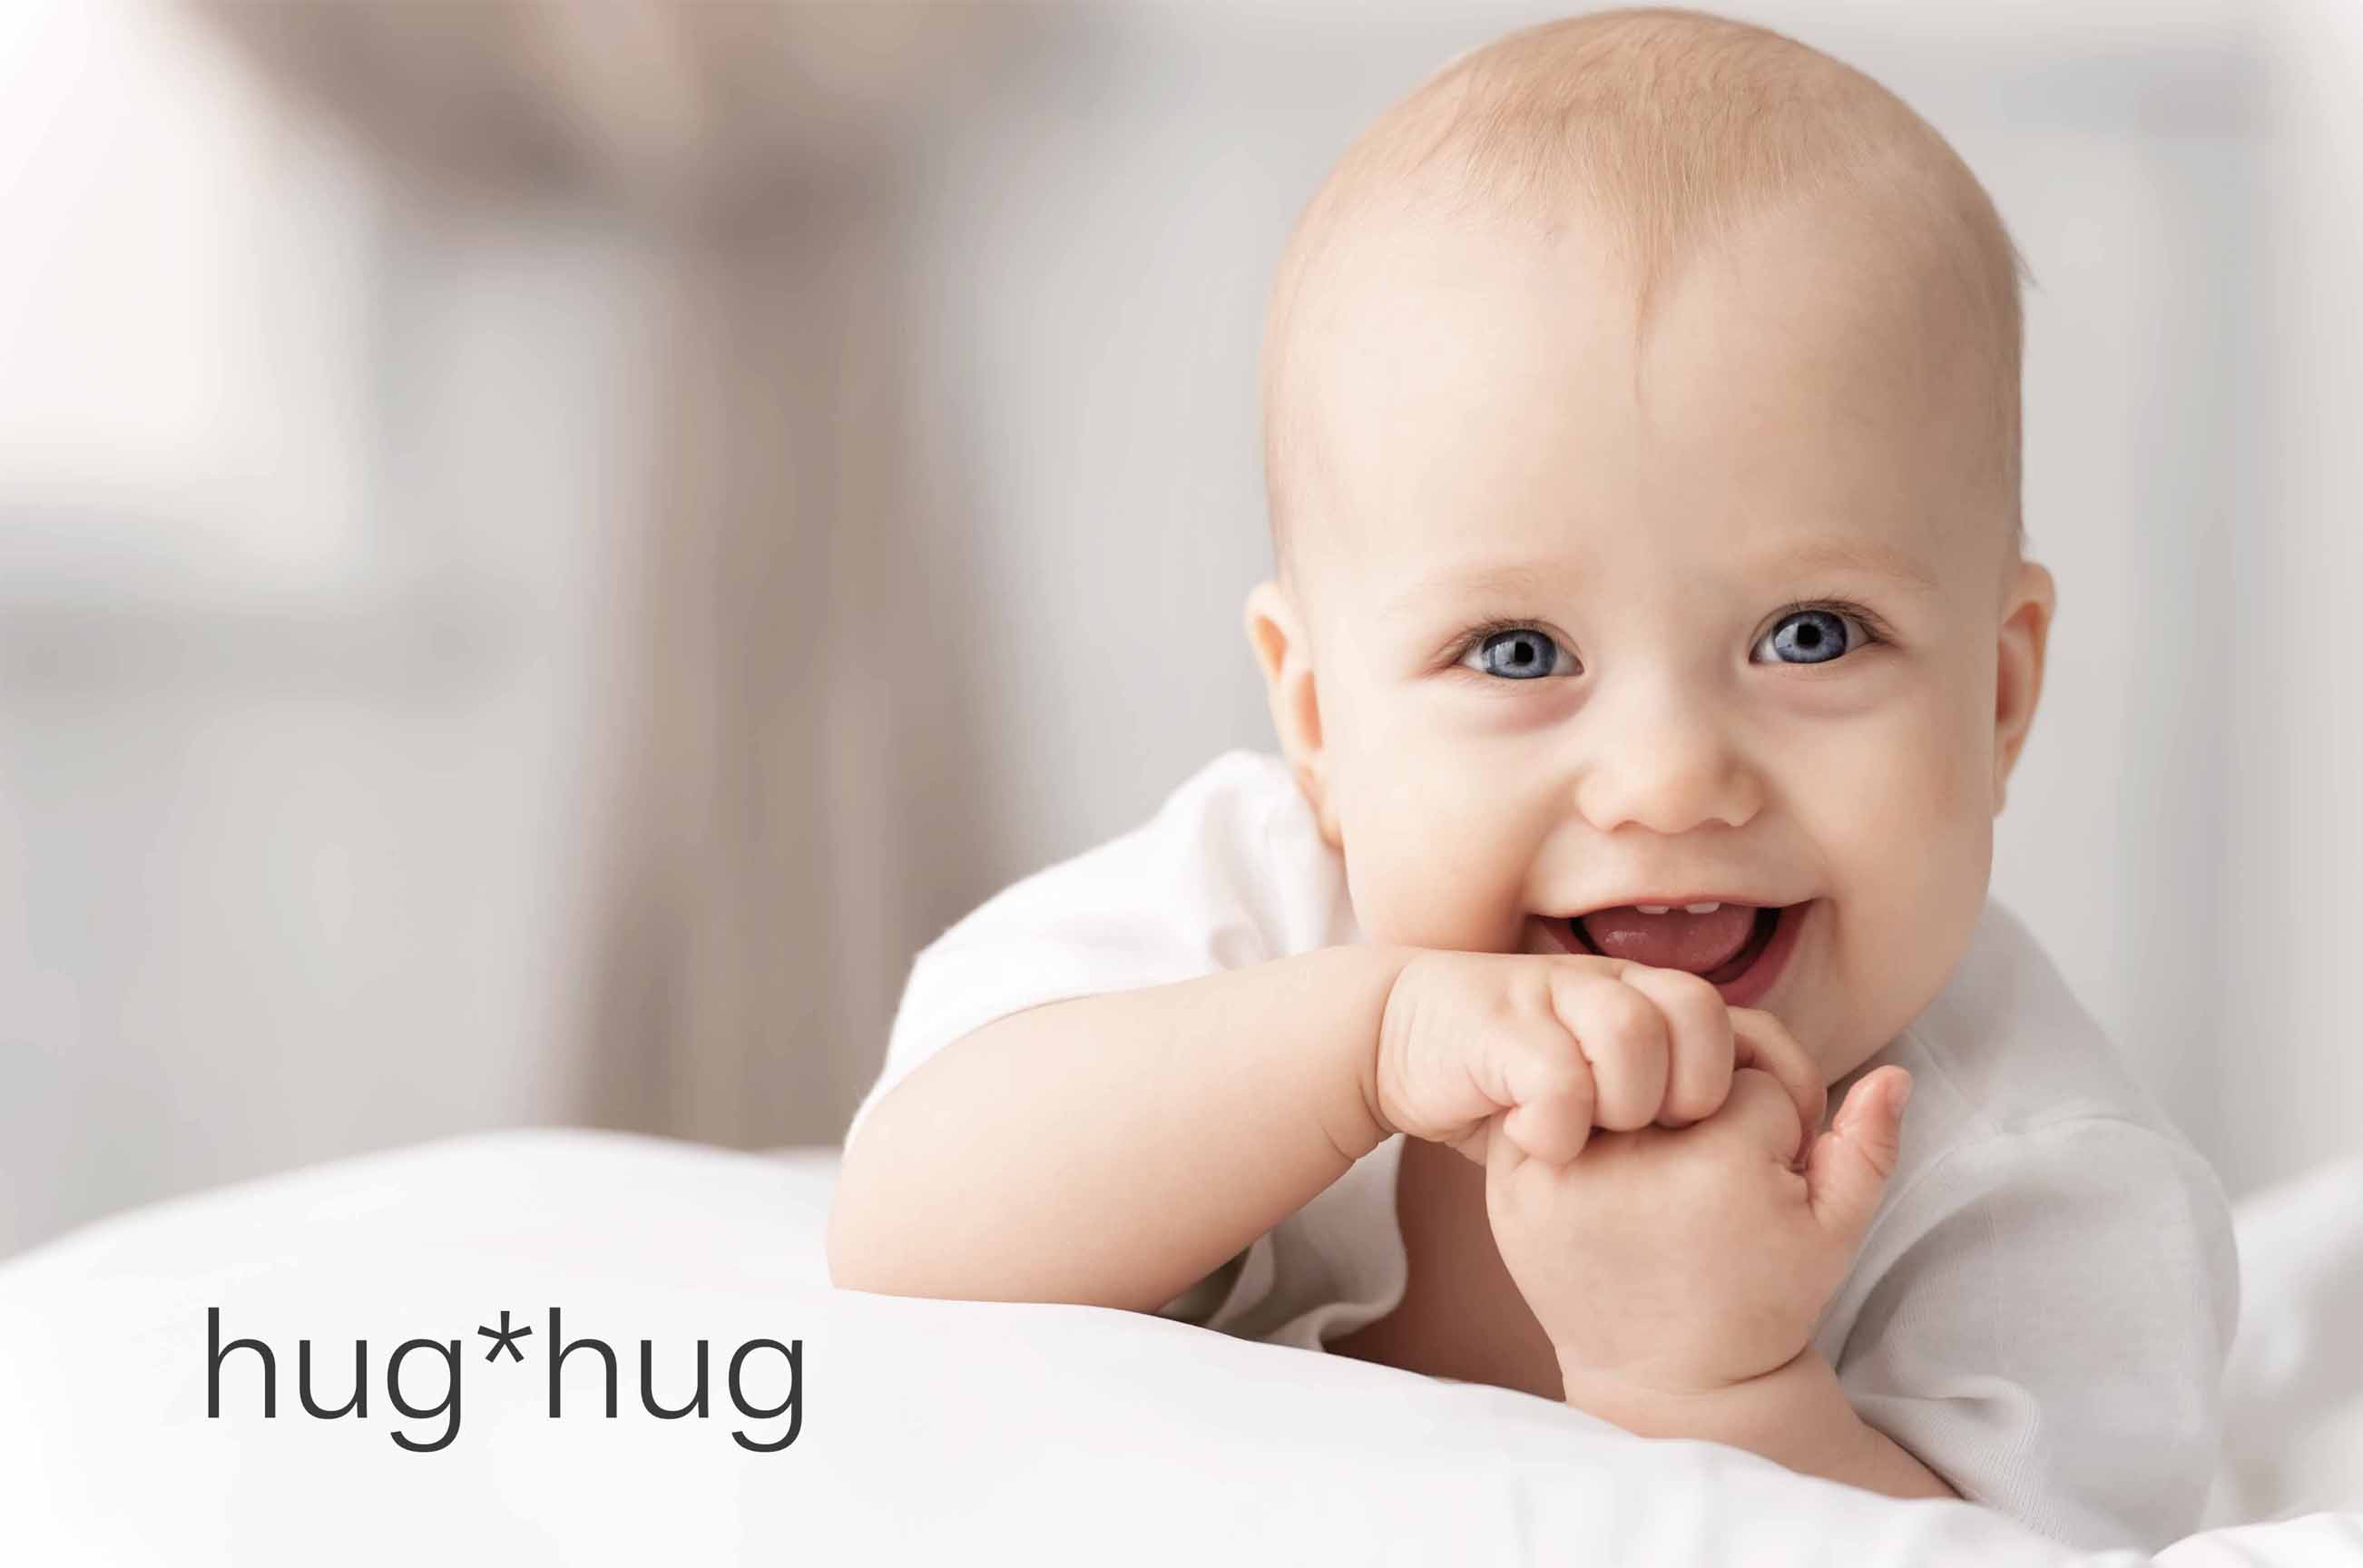 hug*hug